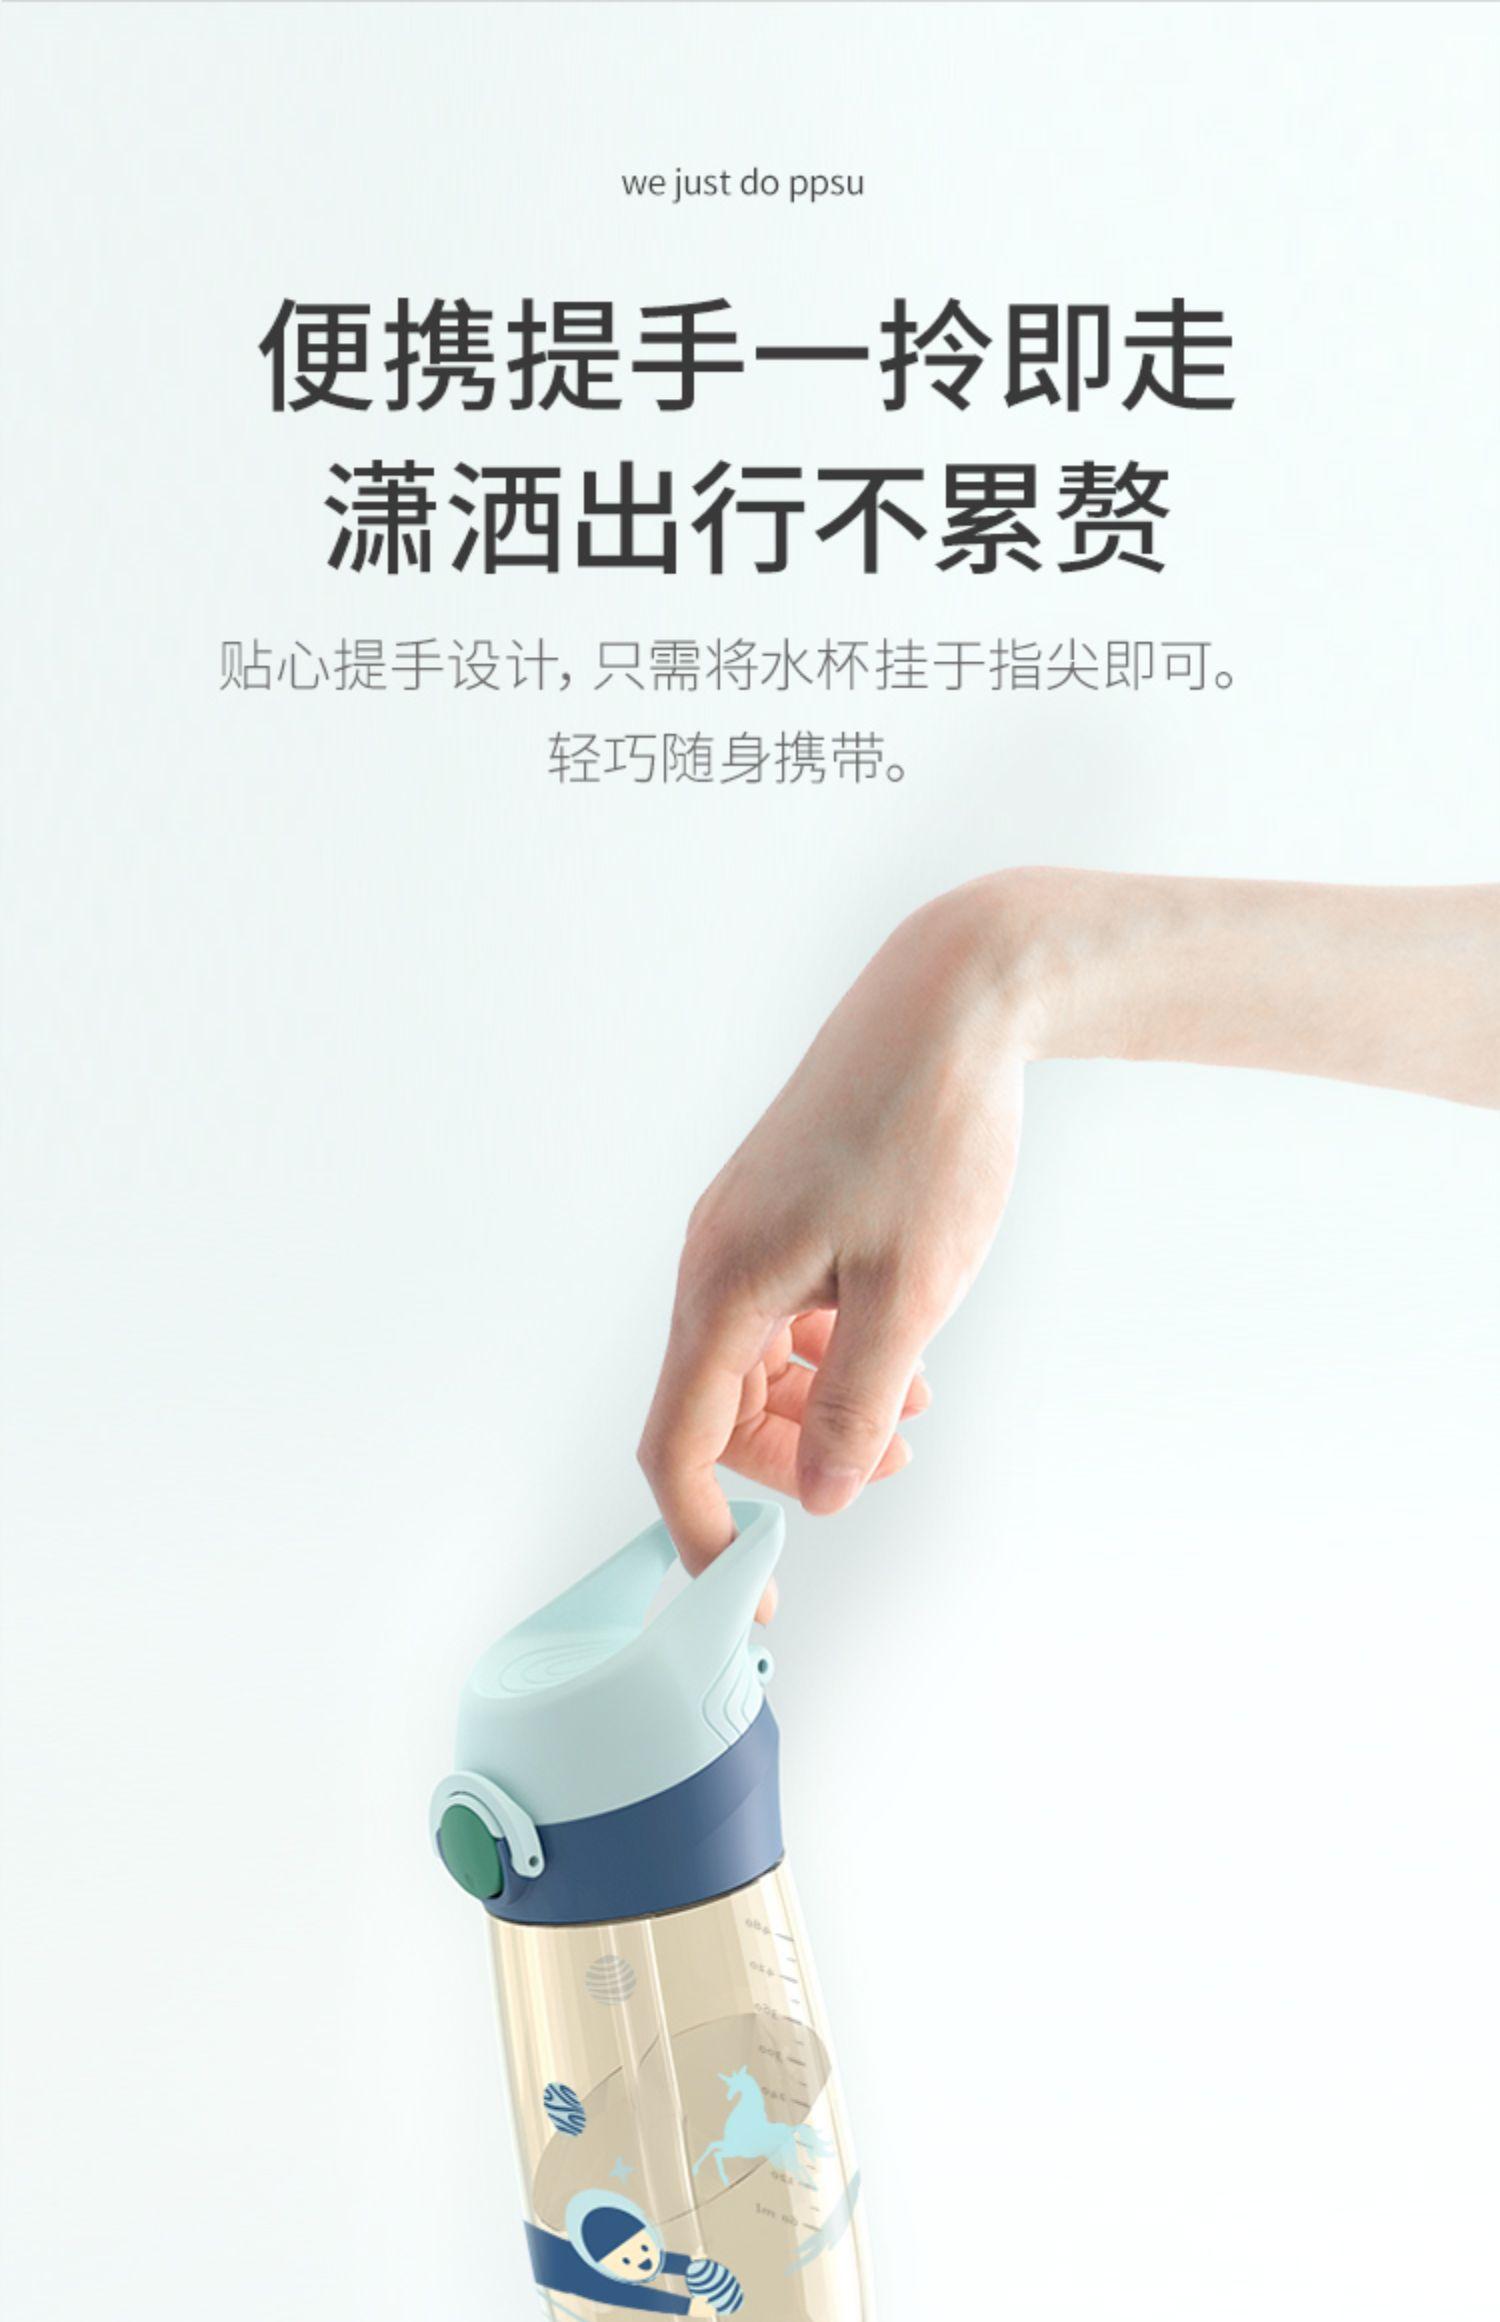 夏季ppsu直饮杯商品图片-27